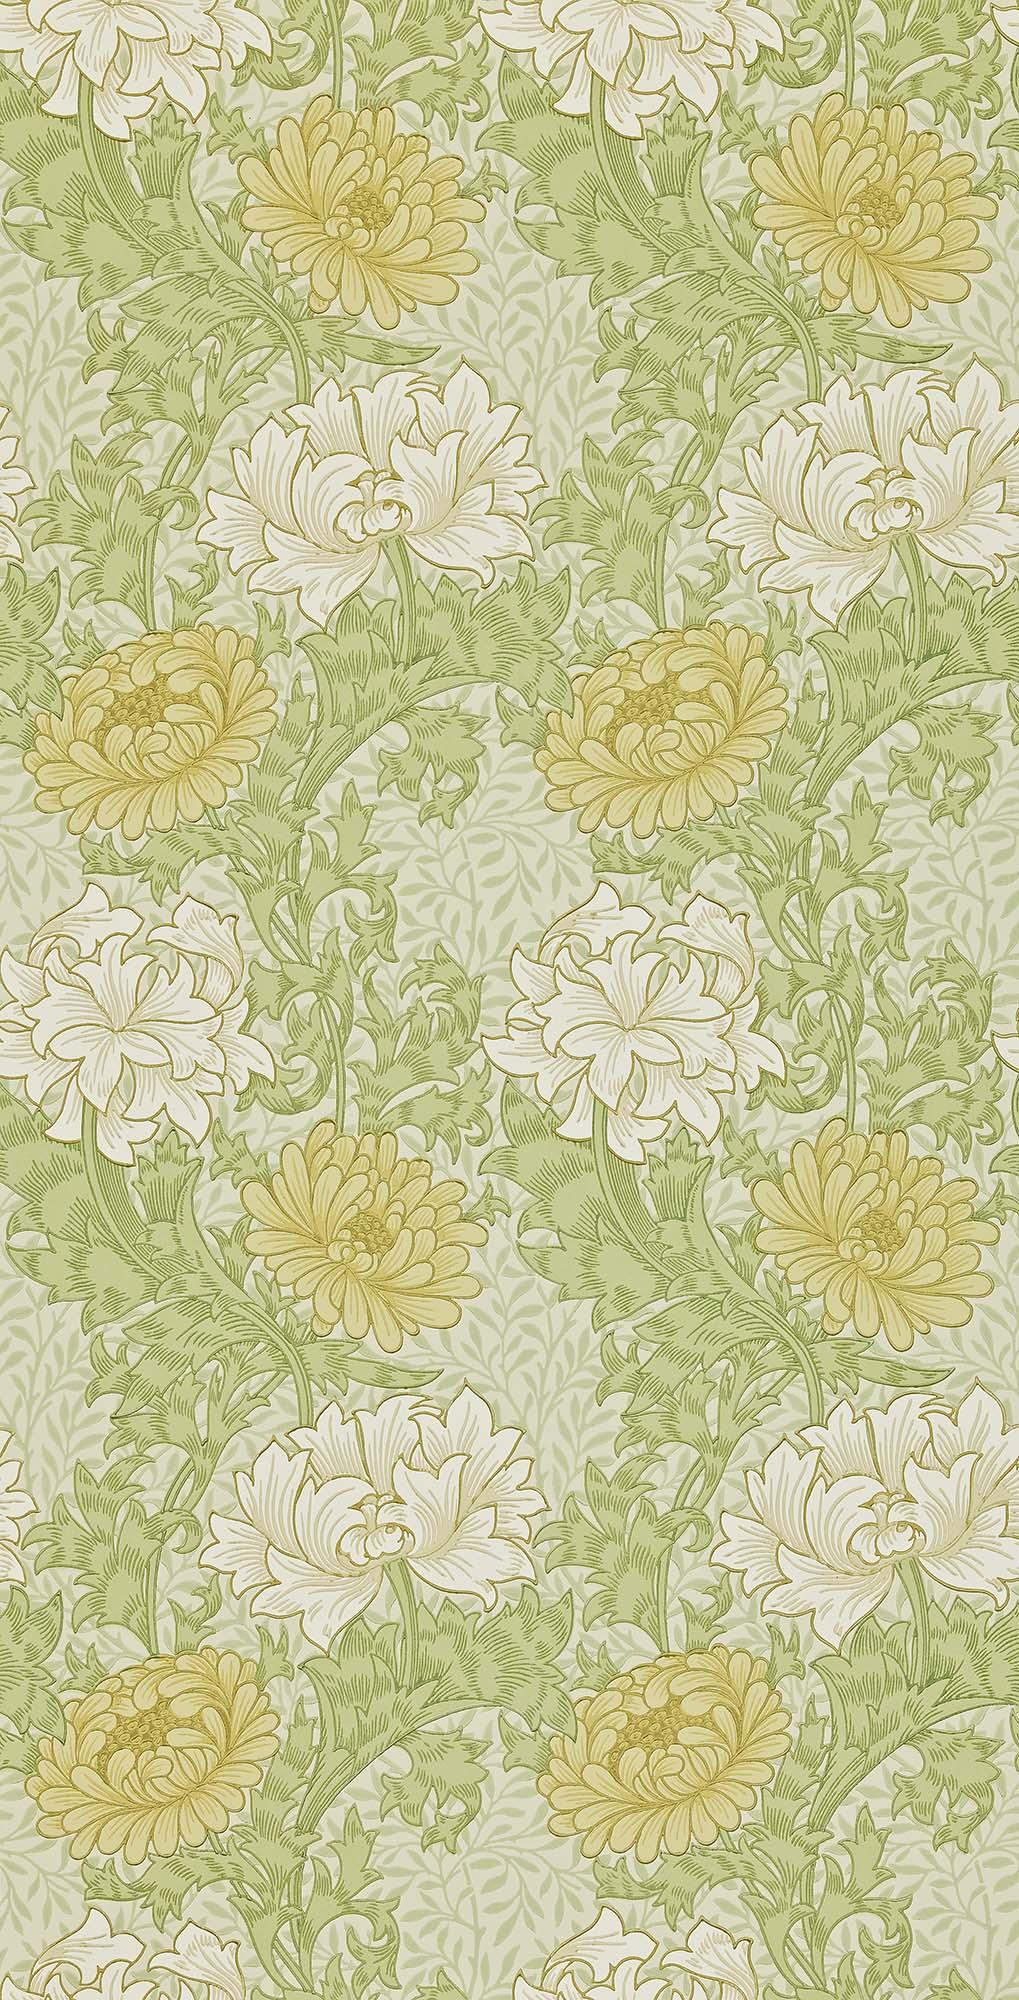 ウィリアムモリス壁紙 Chrysanthemum 212545